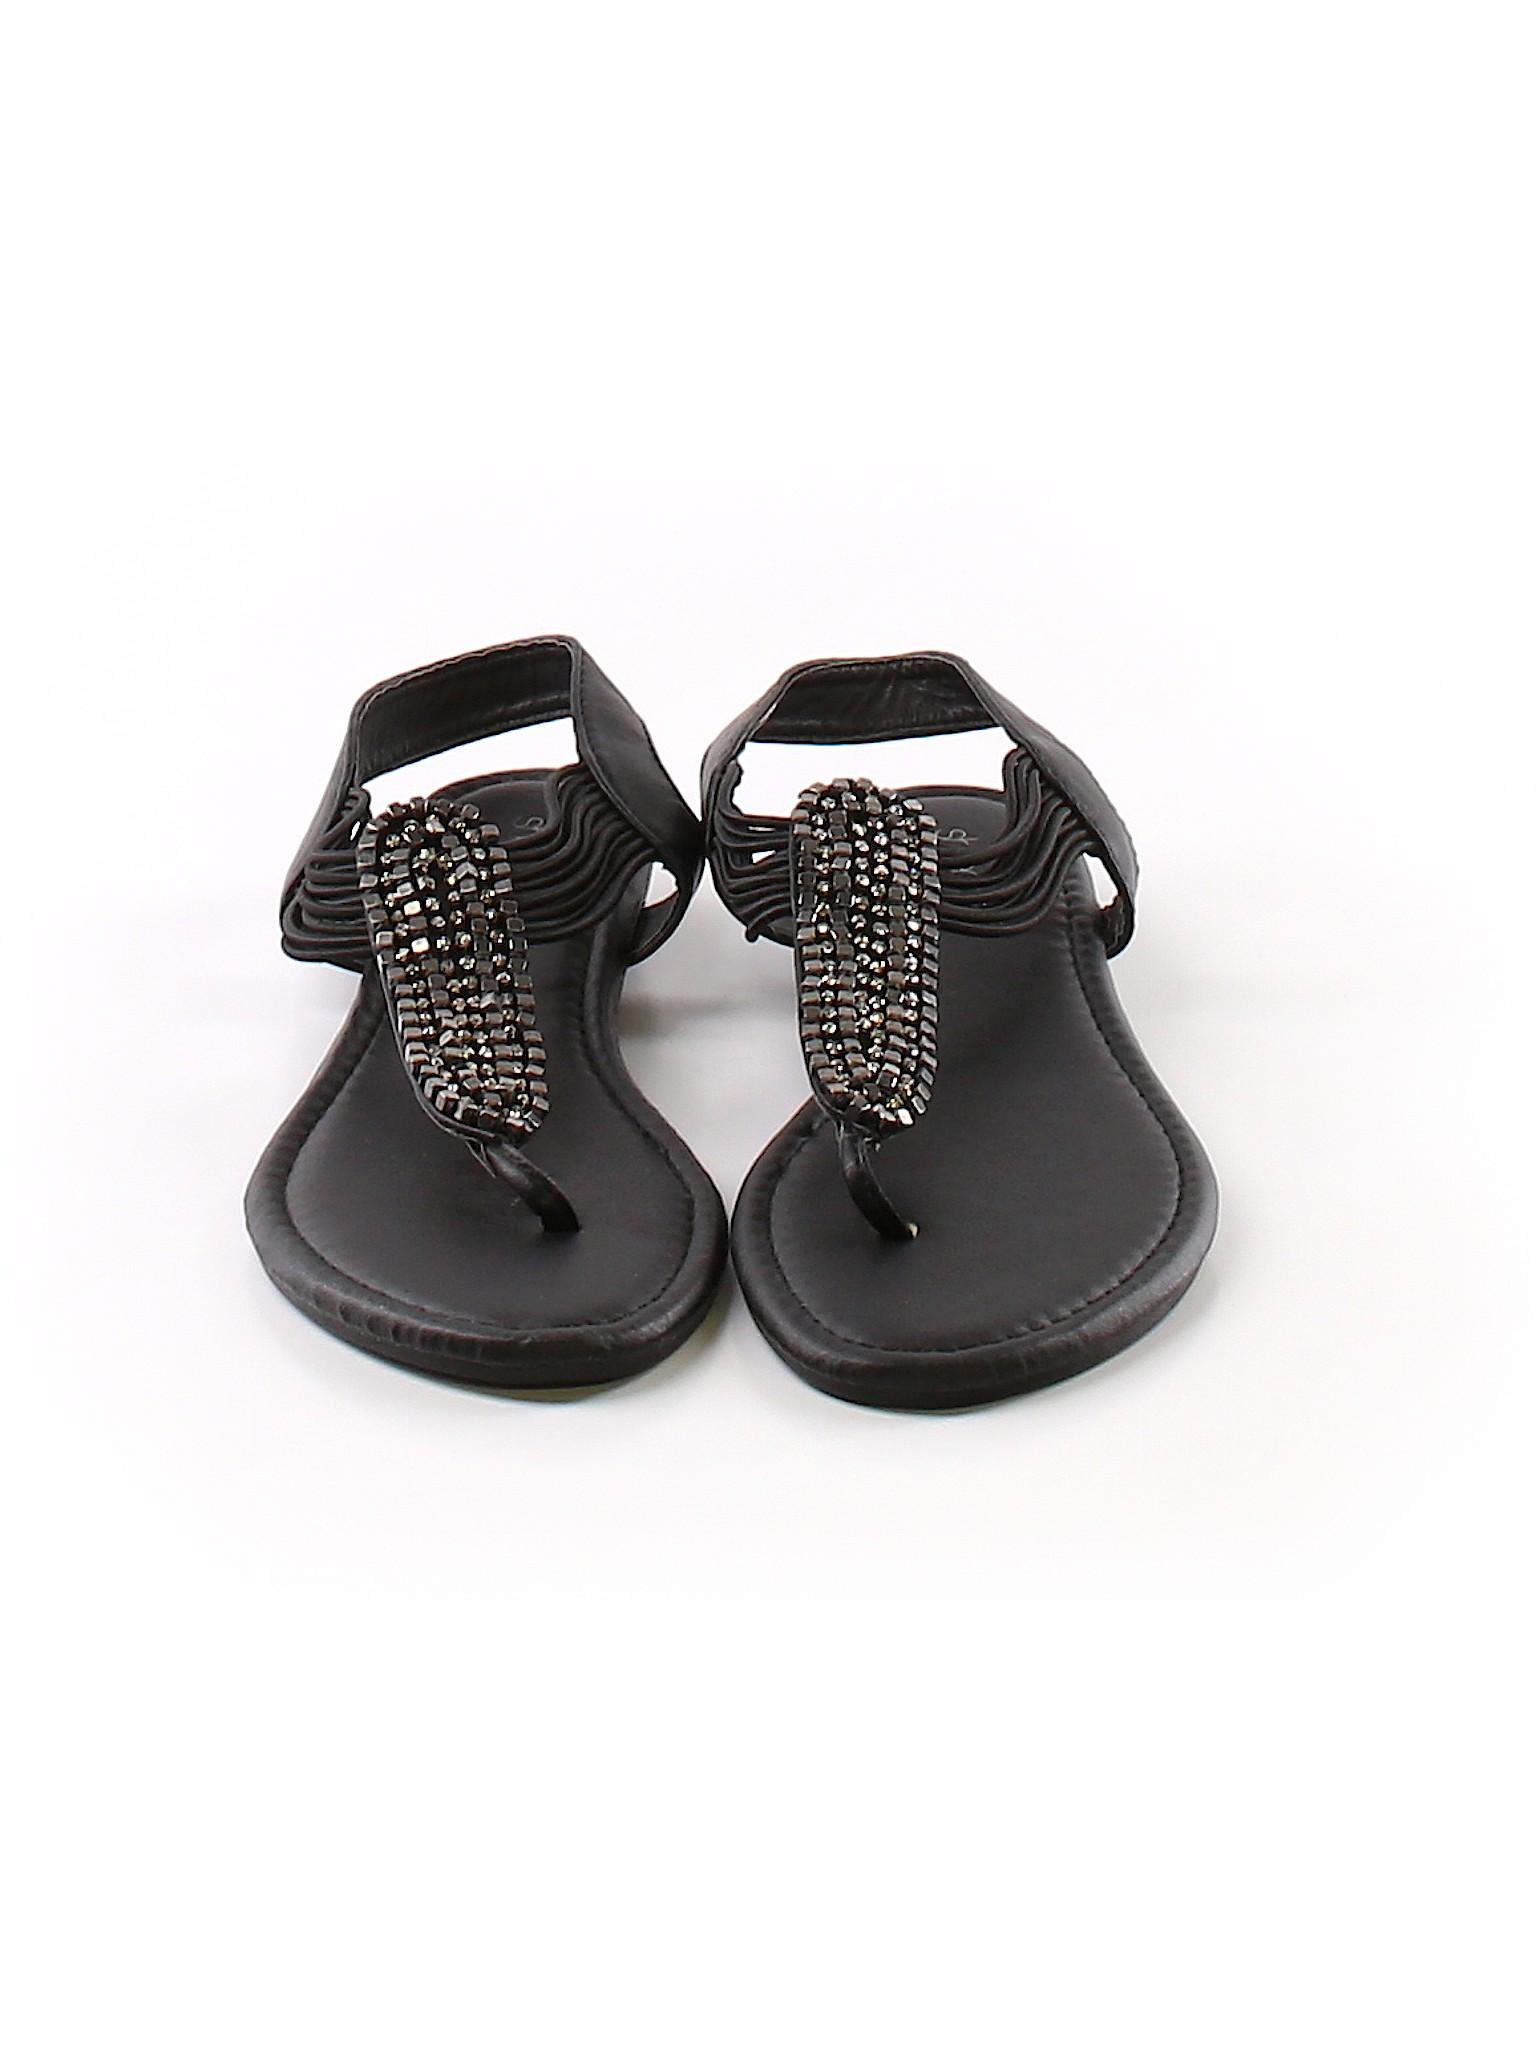 Boutique Sandals promotion Boutique promotion Shoedazzle 4dvqOngz